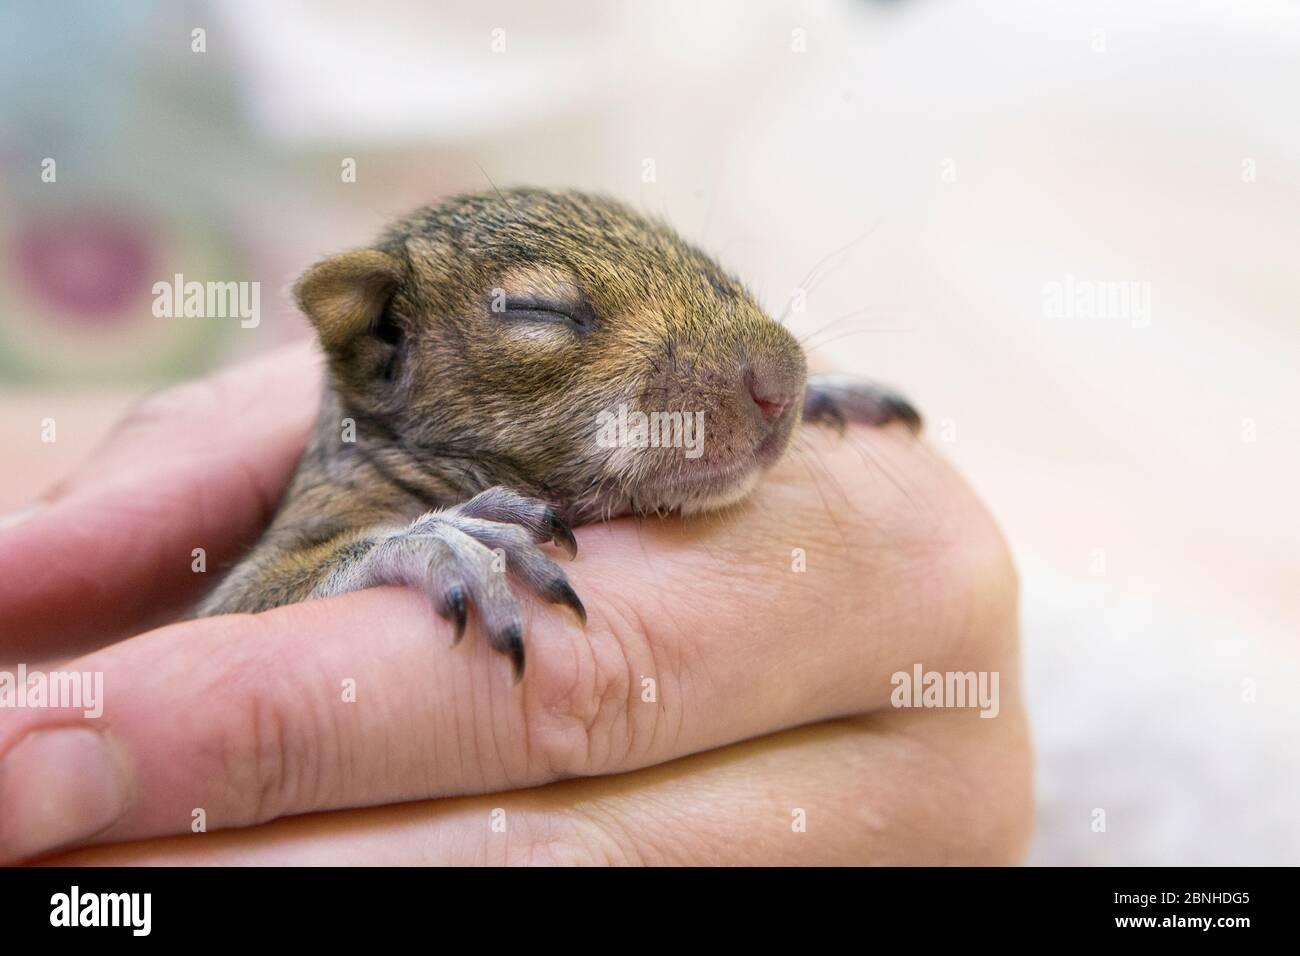 Écureuil gris de l'Ouest (Sciurus griseus) bébé orphelin de trois semaines (est tombé du nid après avoir été dérangé par les jardiniers) WildCare, San Rafael, Califo Banque D'Images